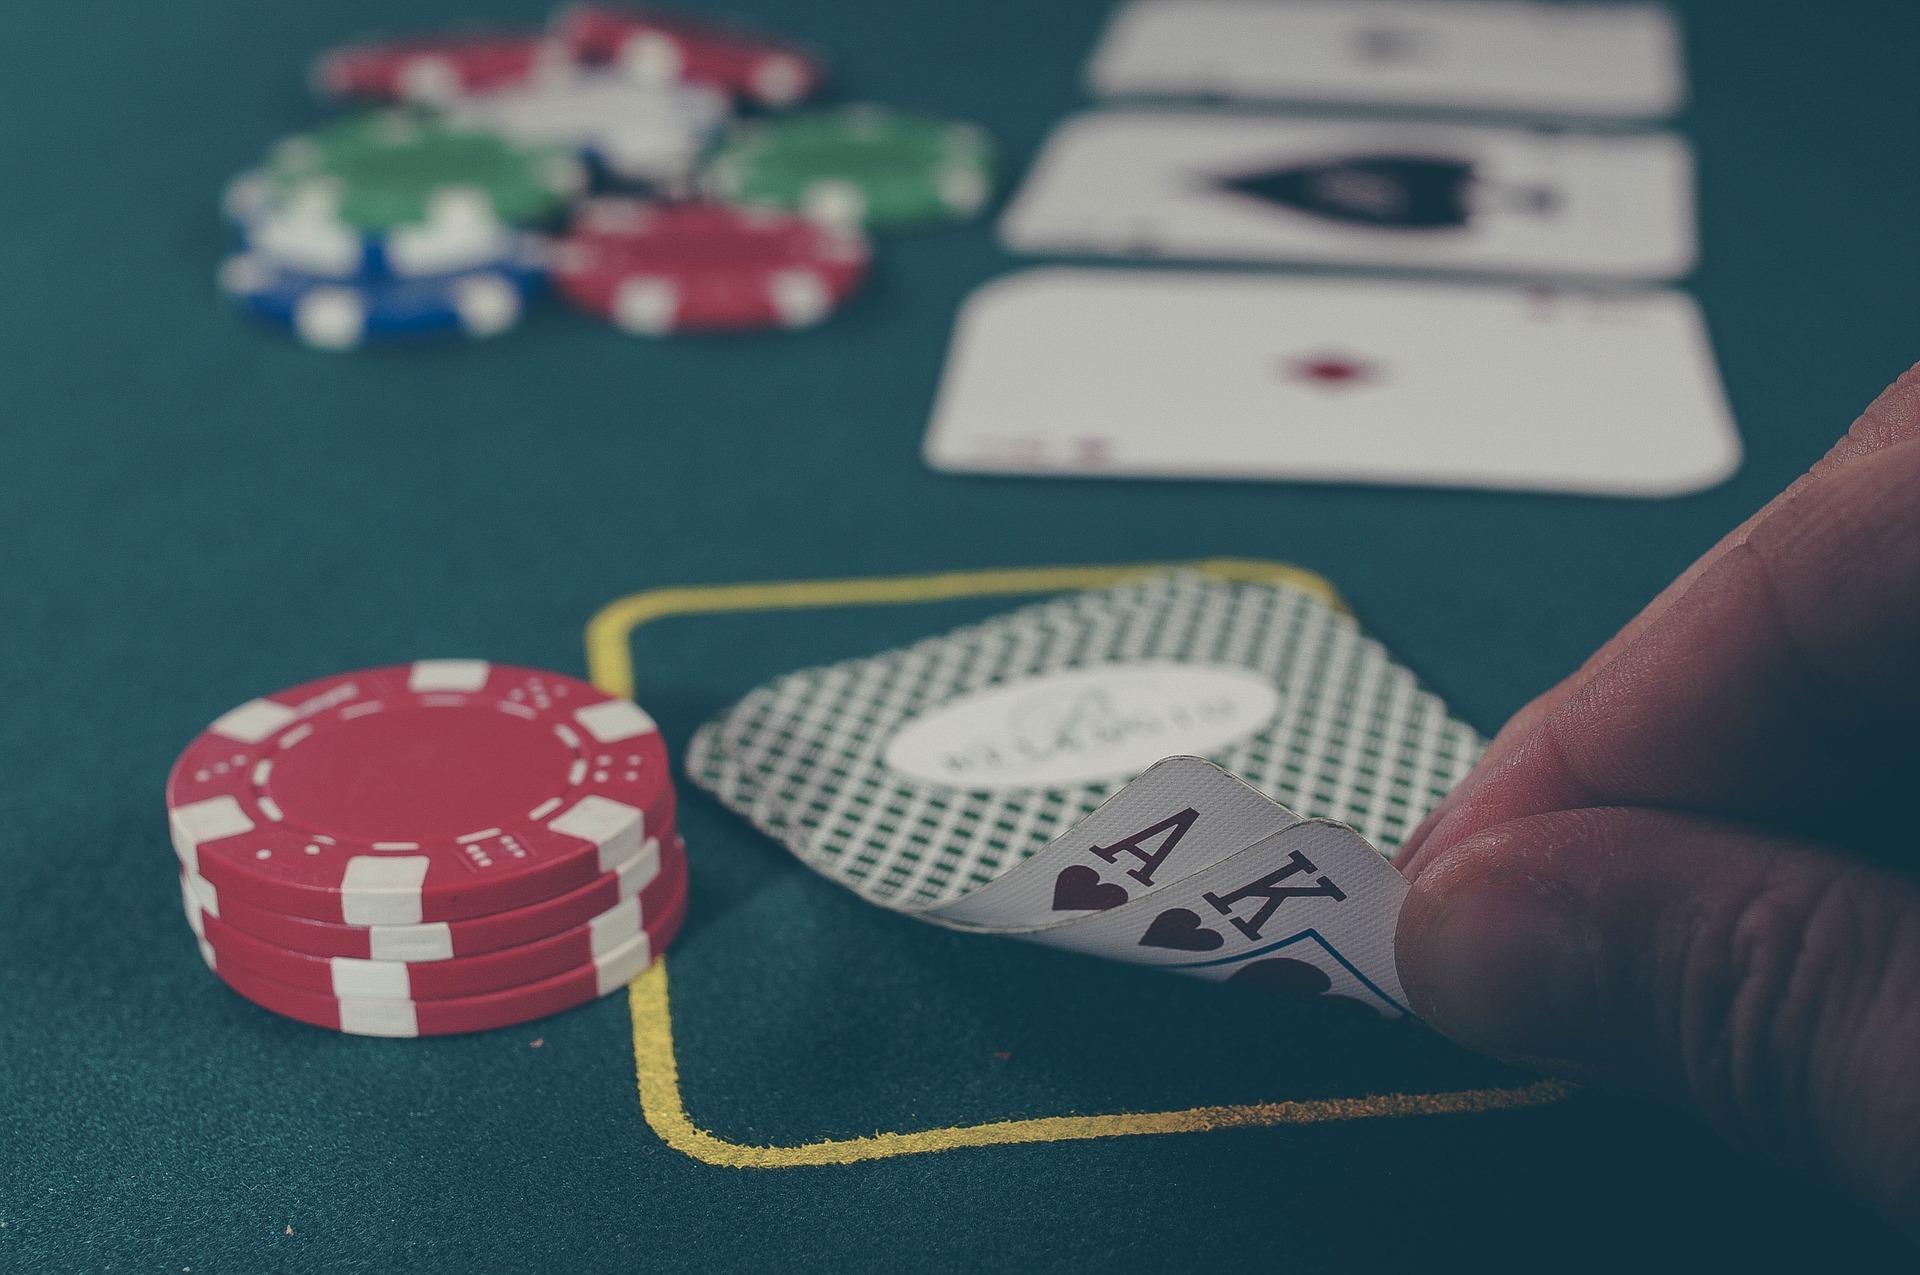 Har du prøvet casino